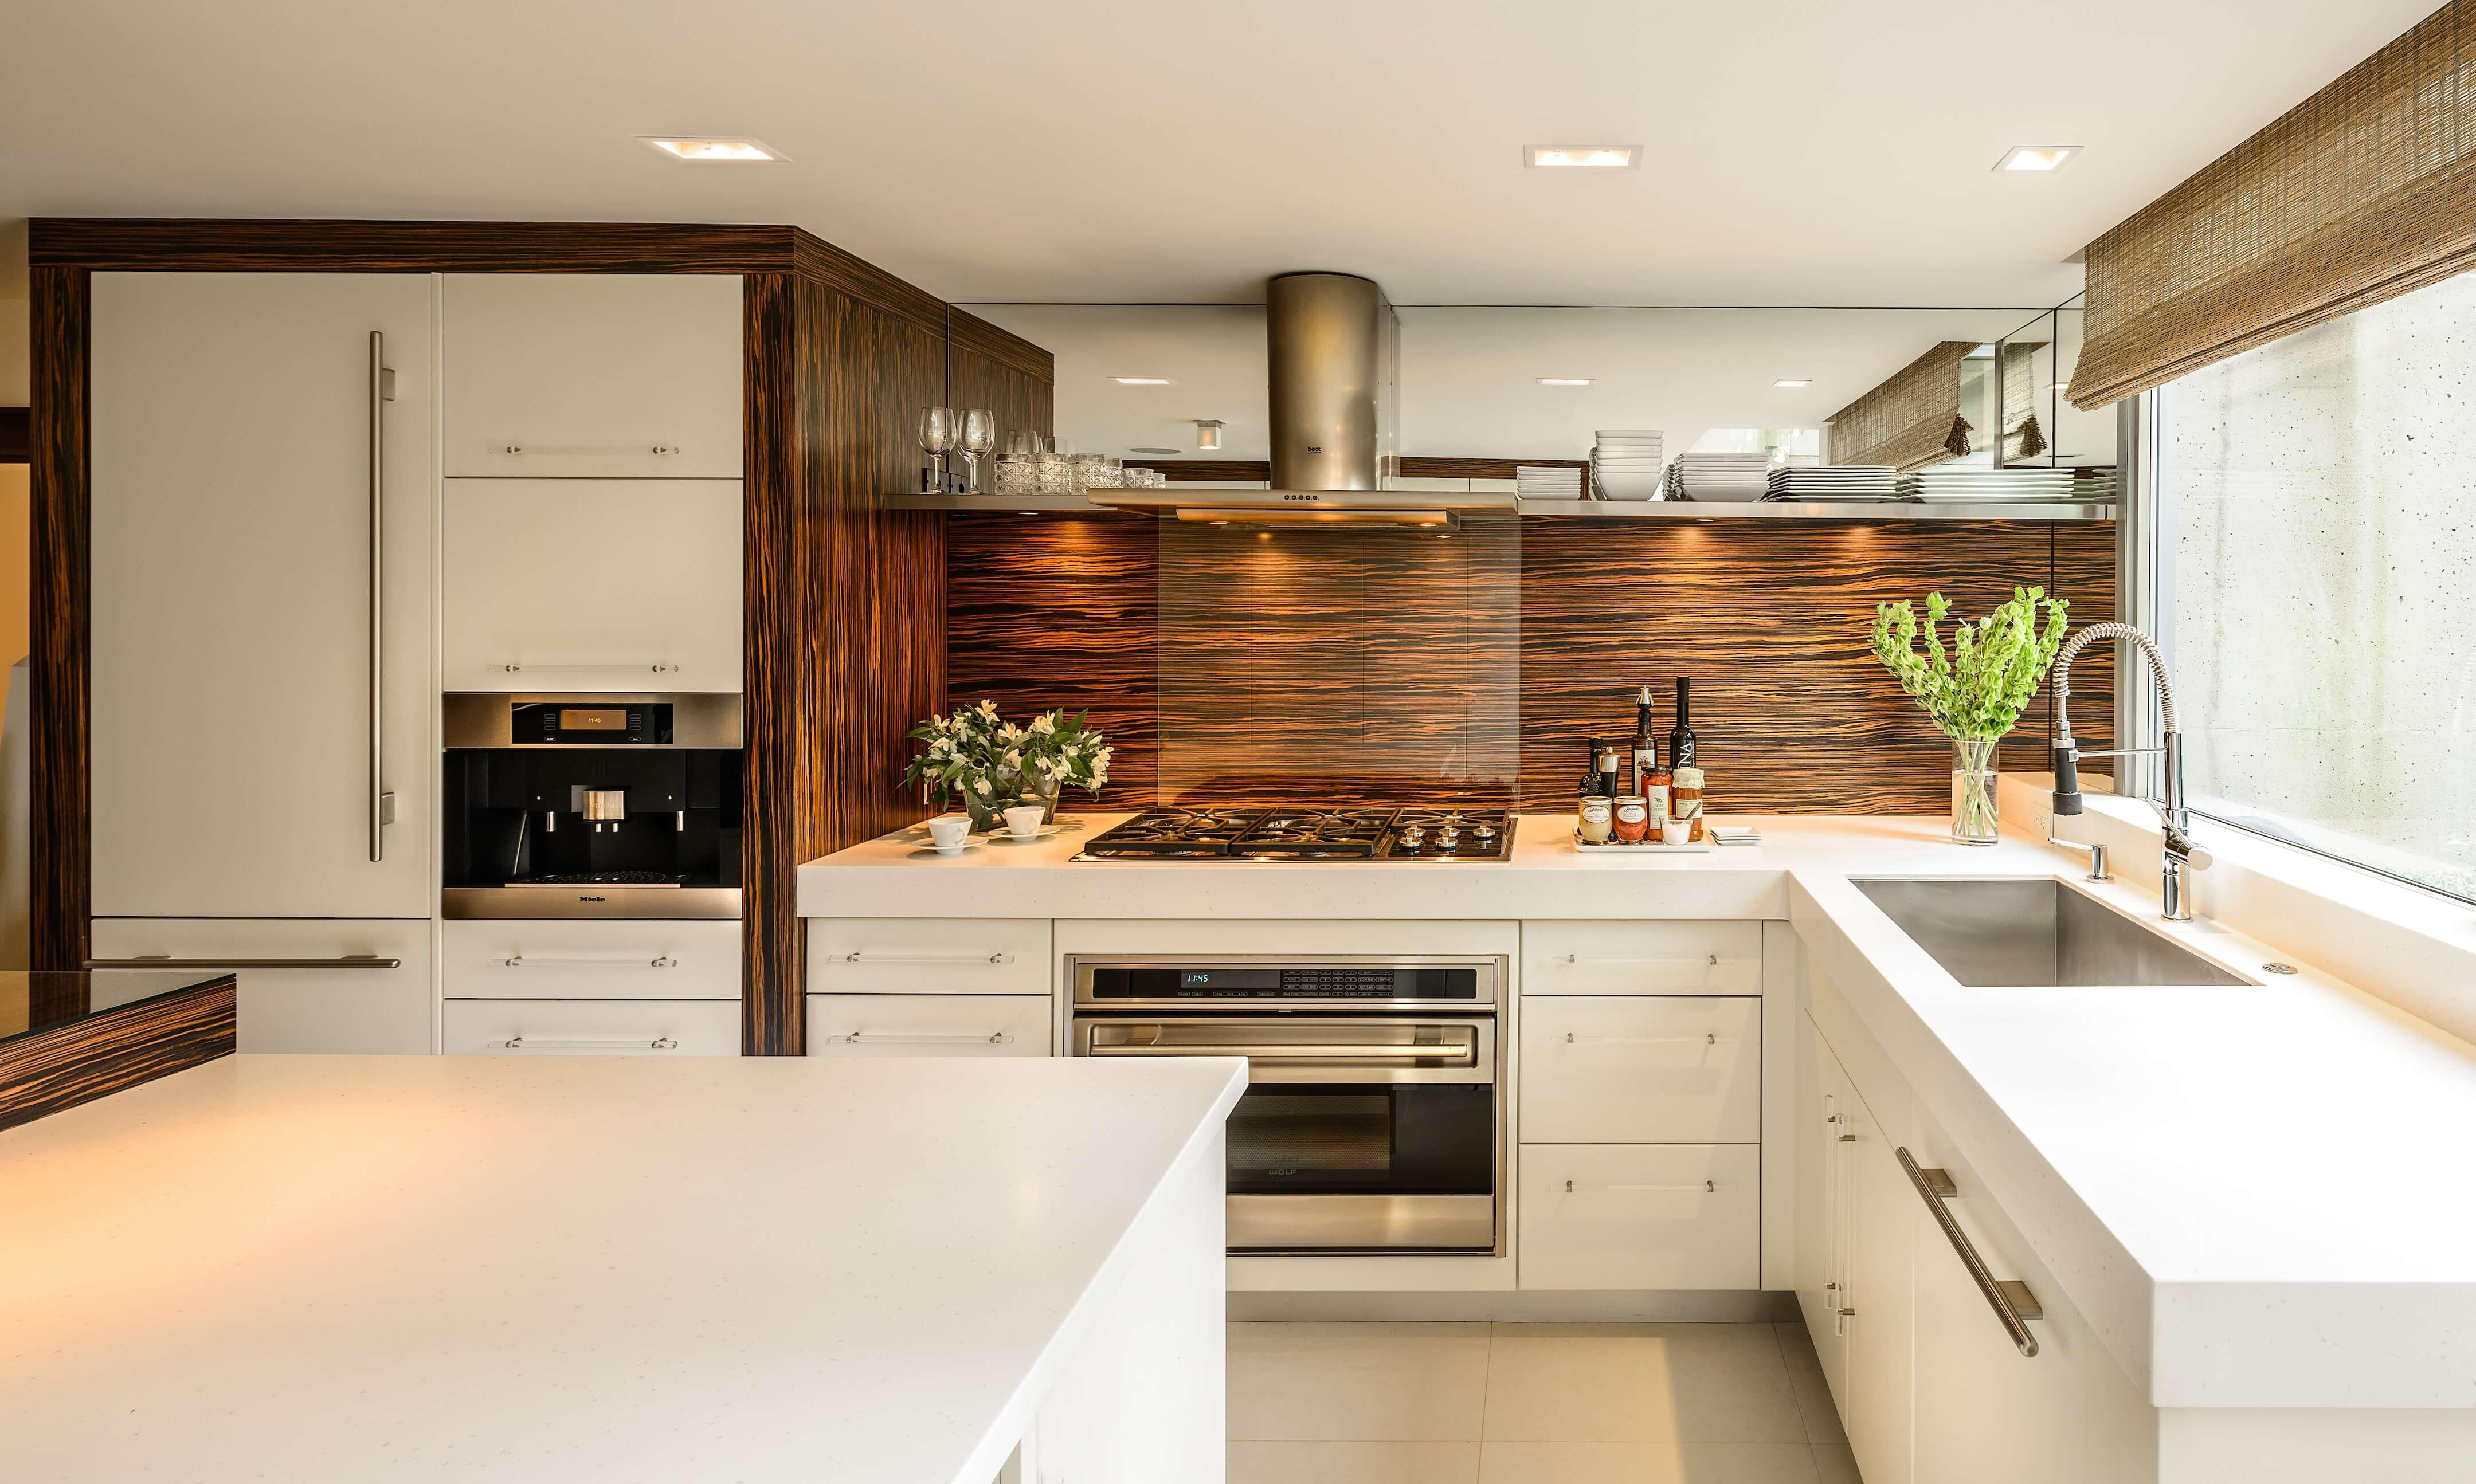 Kitchen Decoration Ideas No One